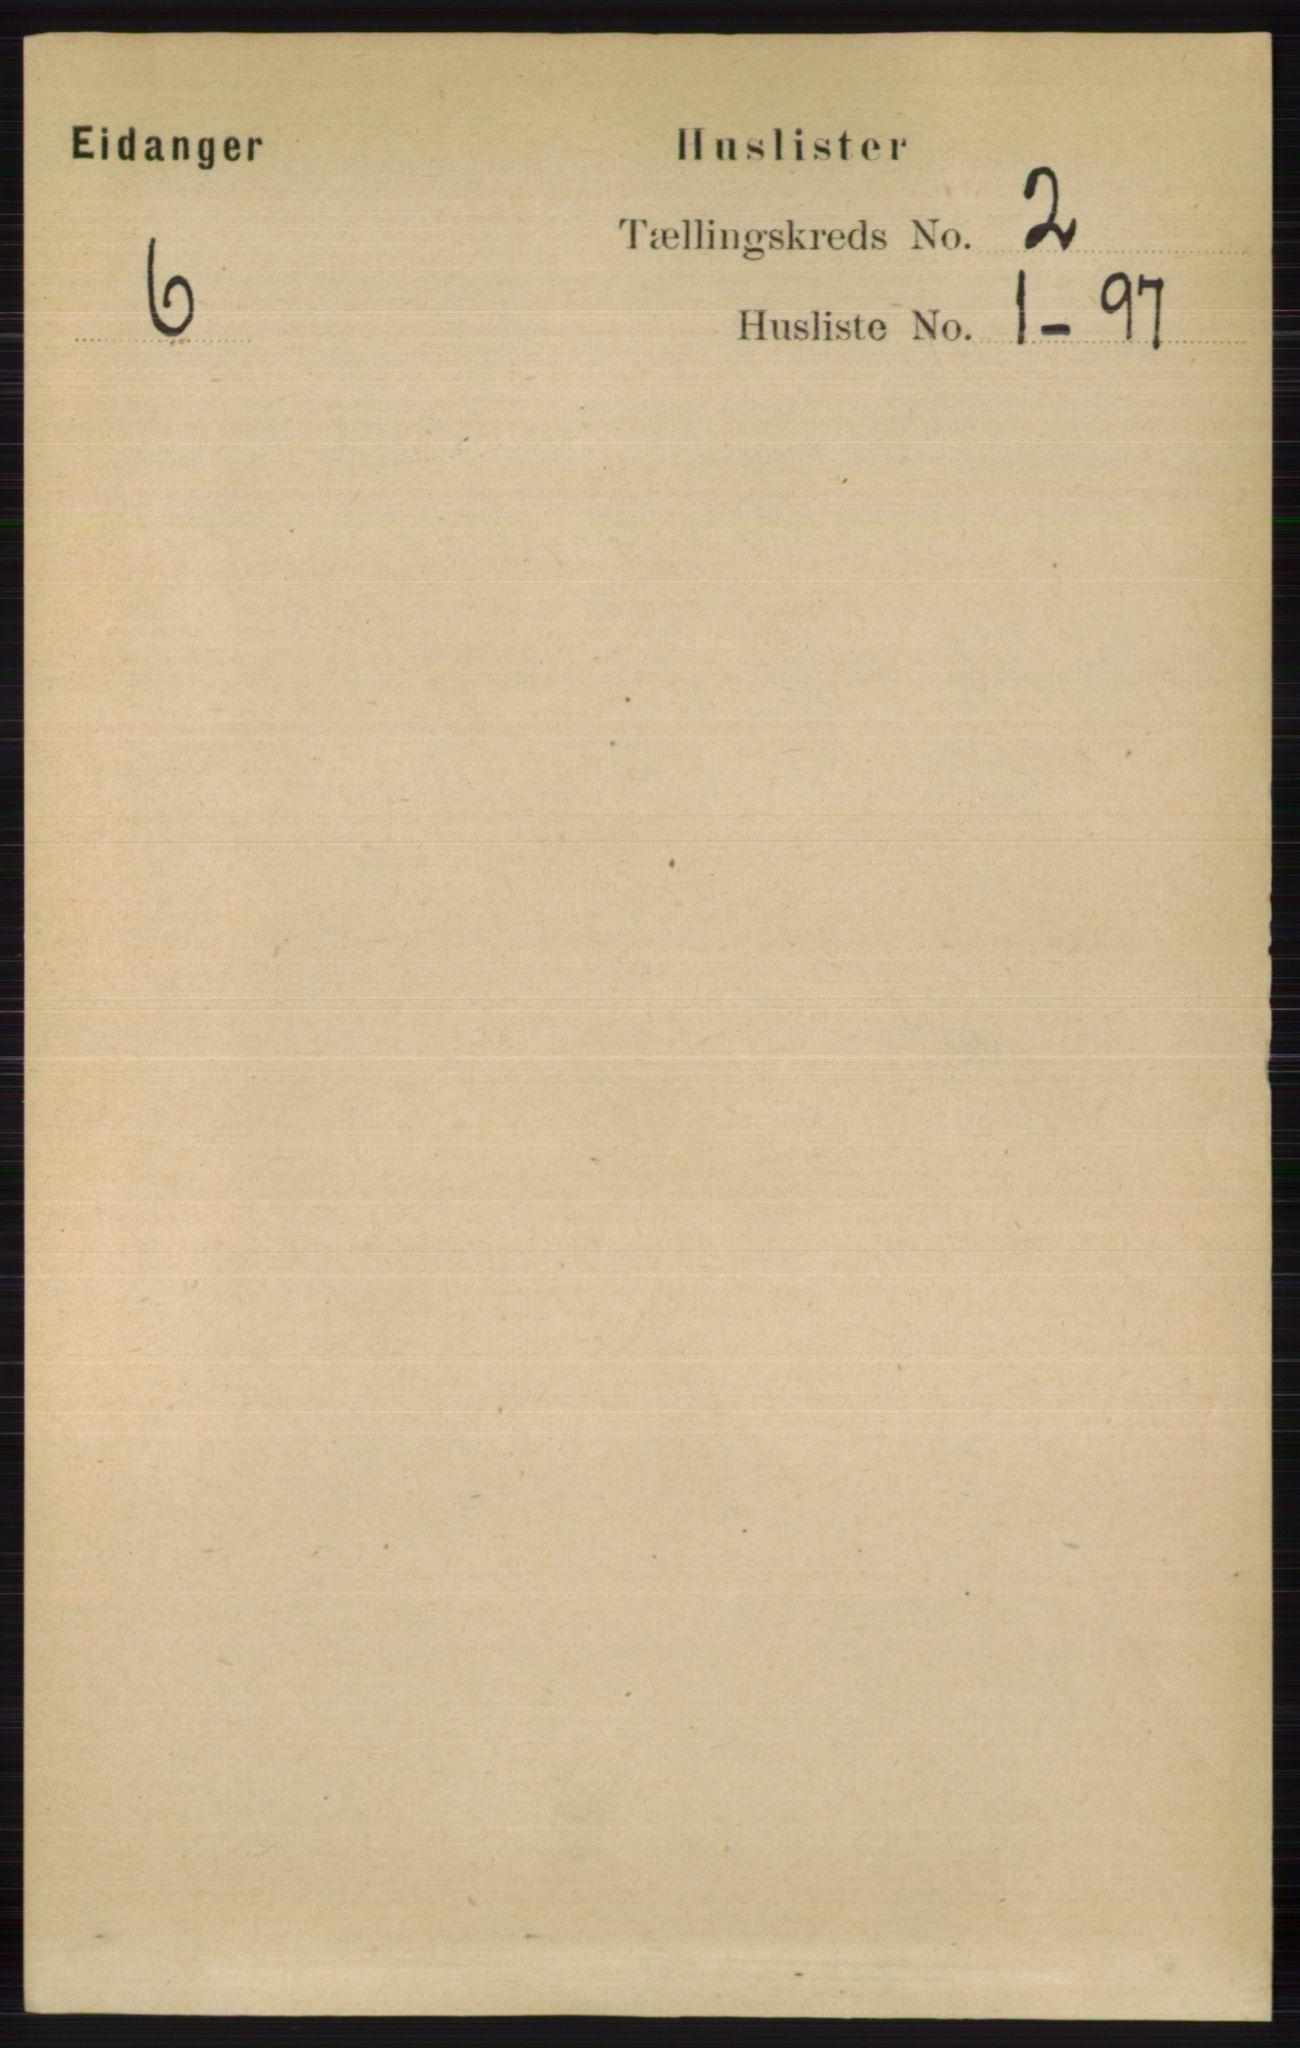 RA, Folketelling 1891 for 0813 Eidanger herred, 1891, s. 766